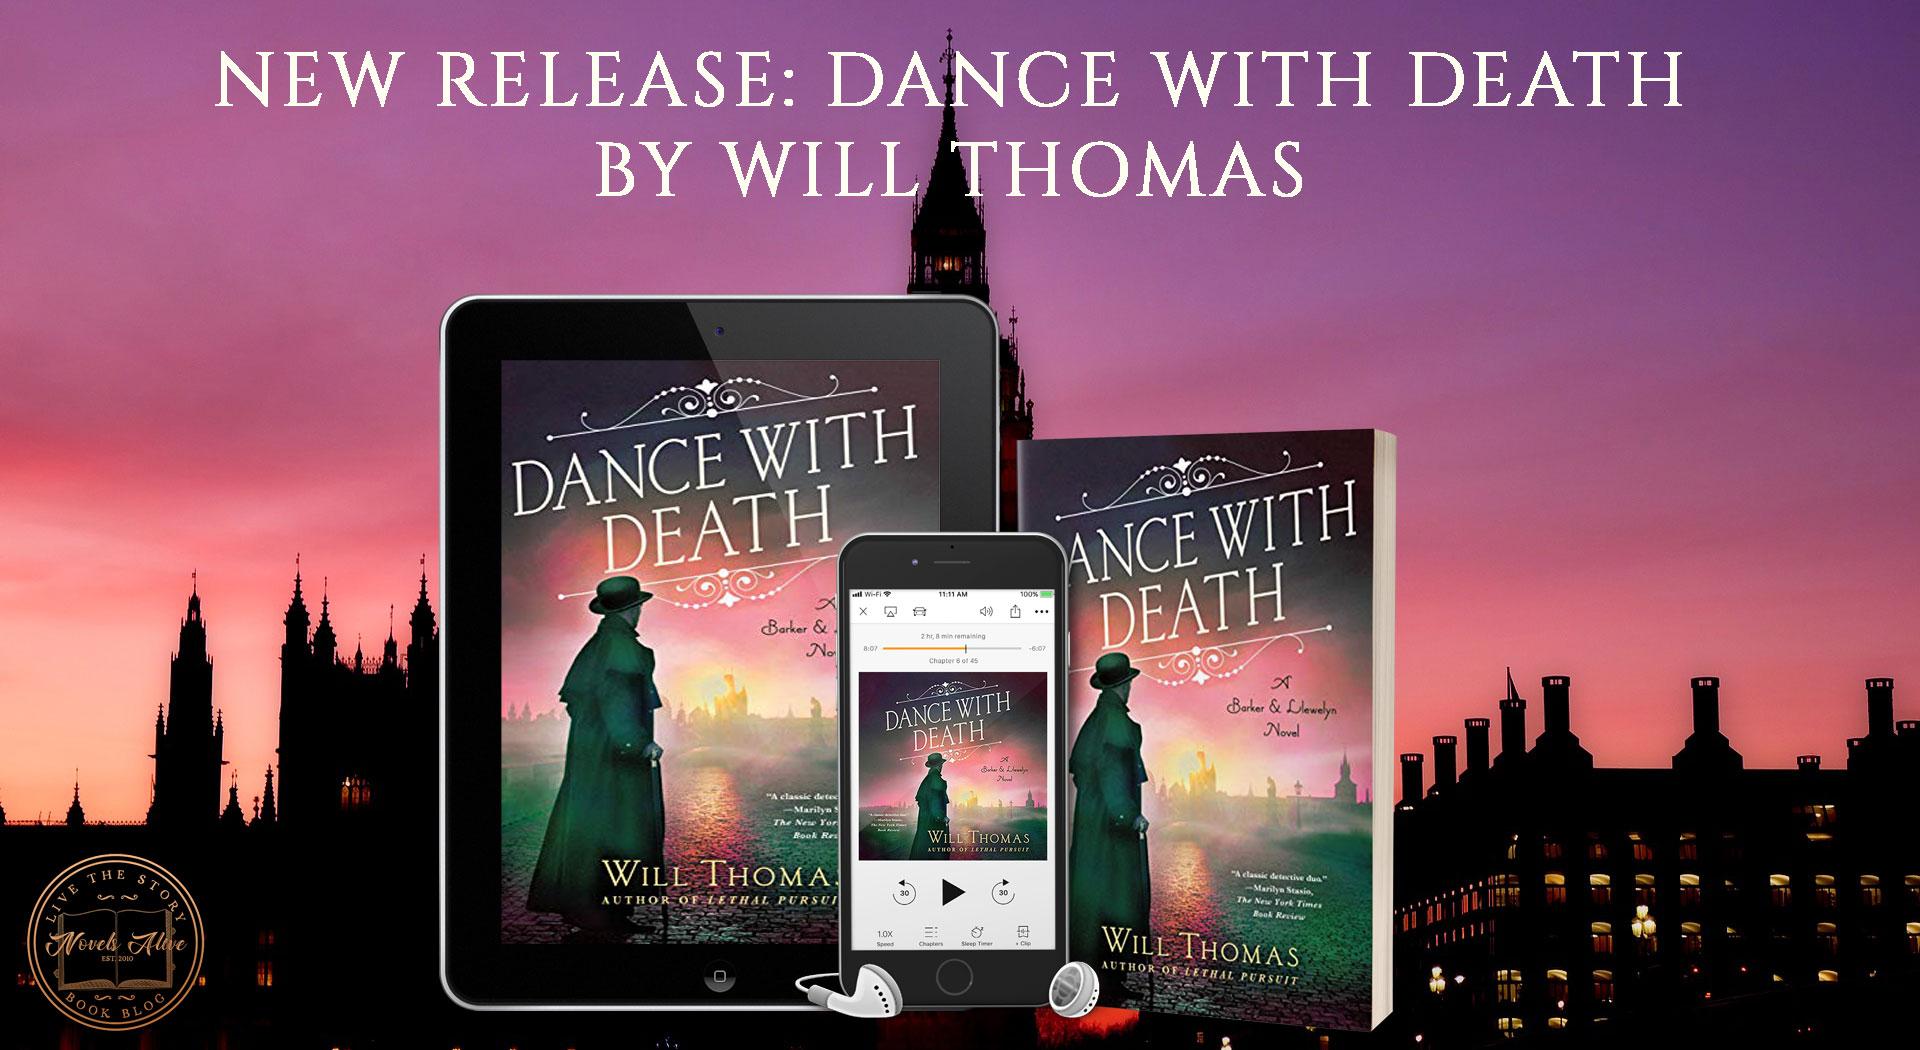 DanceWithDeath-NEWRELEASE-FB